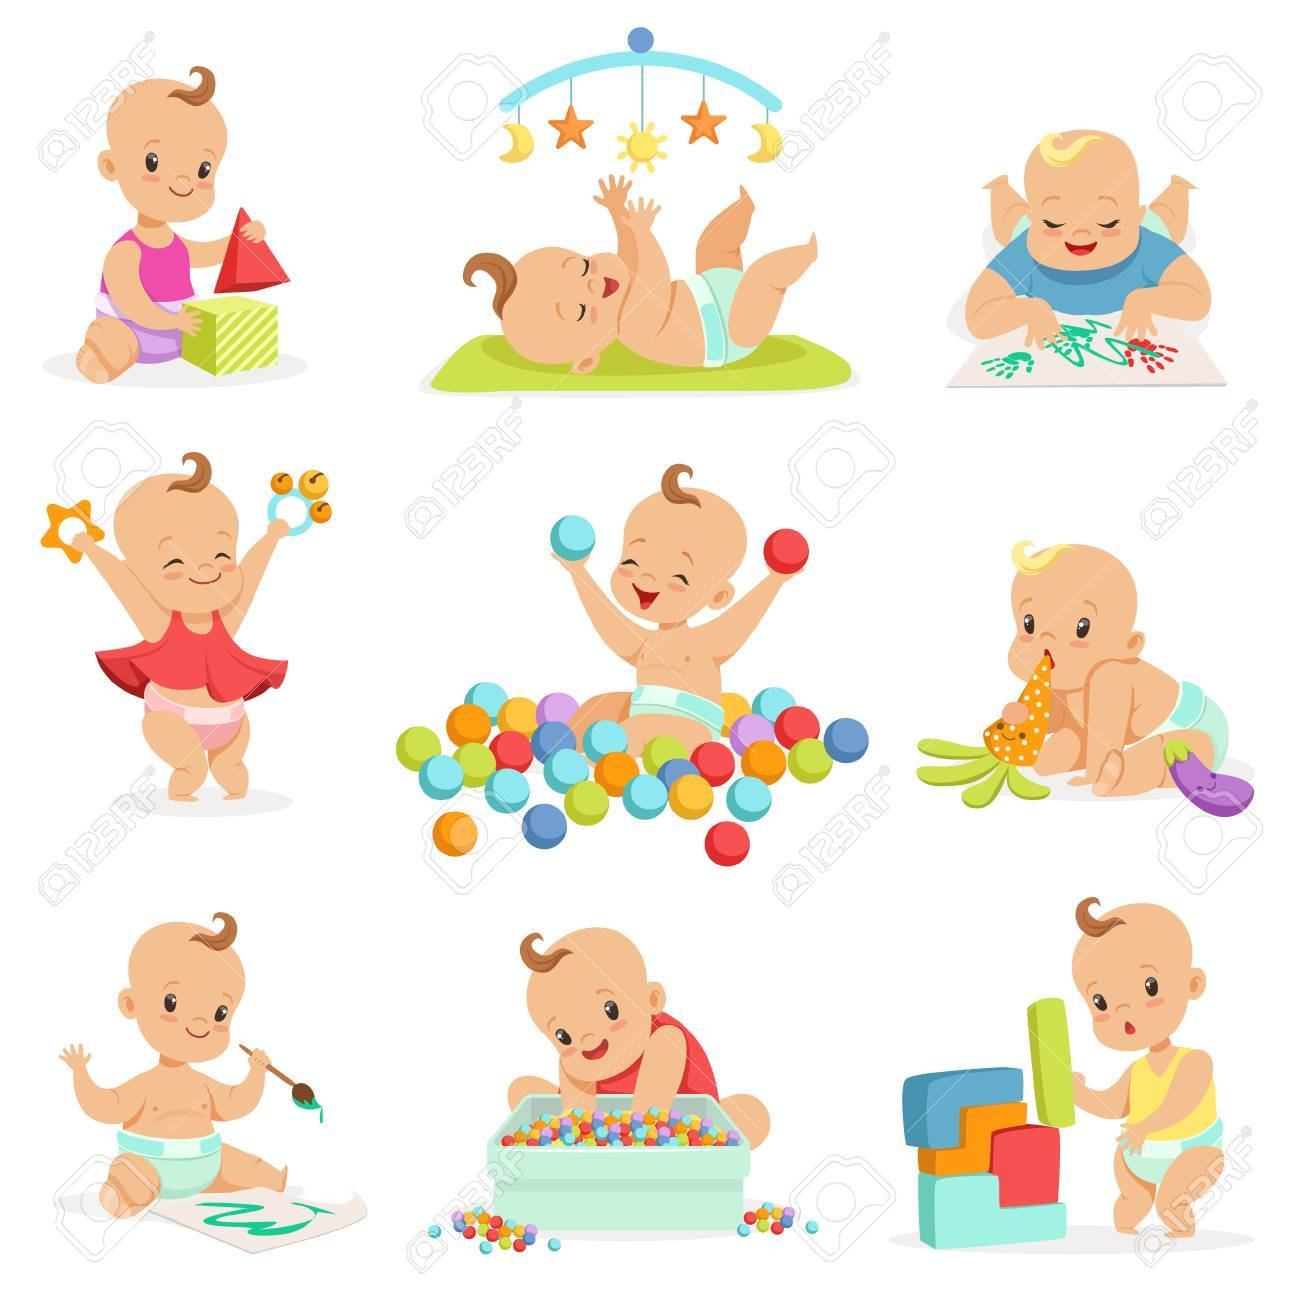 Adorable Bebé De Dibujos Animados Femenino Jugando Con Sus Juguetes